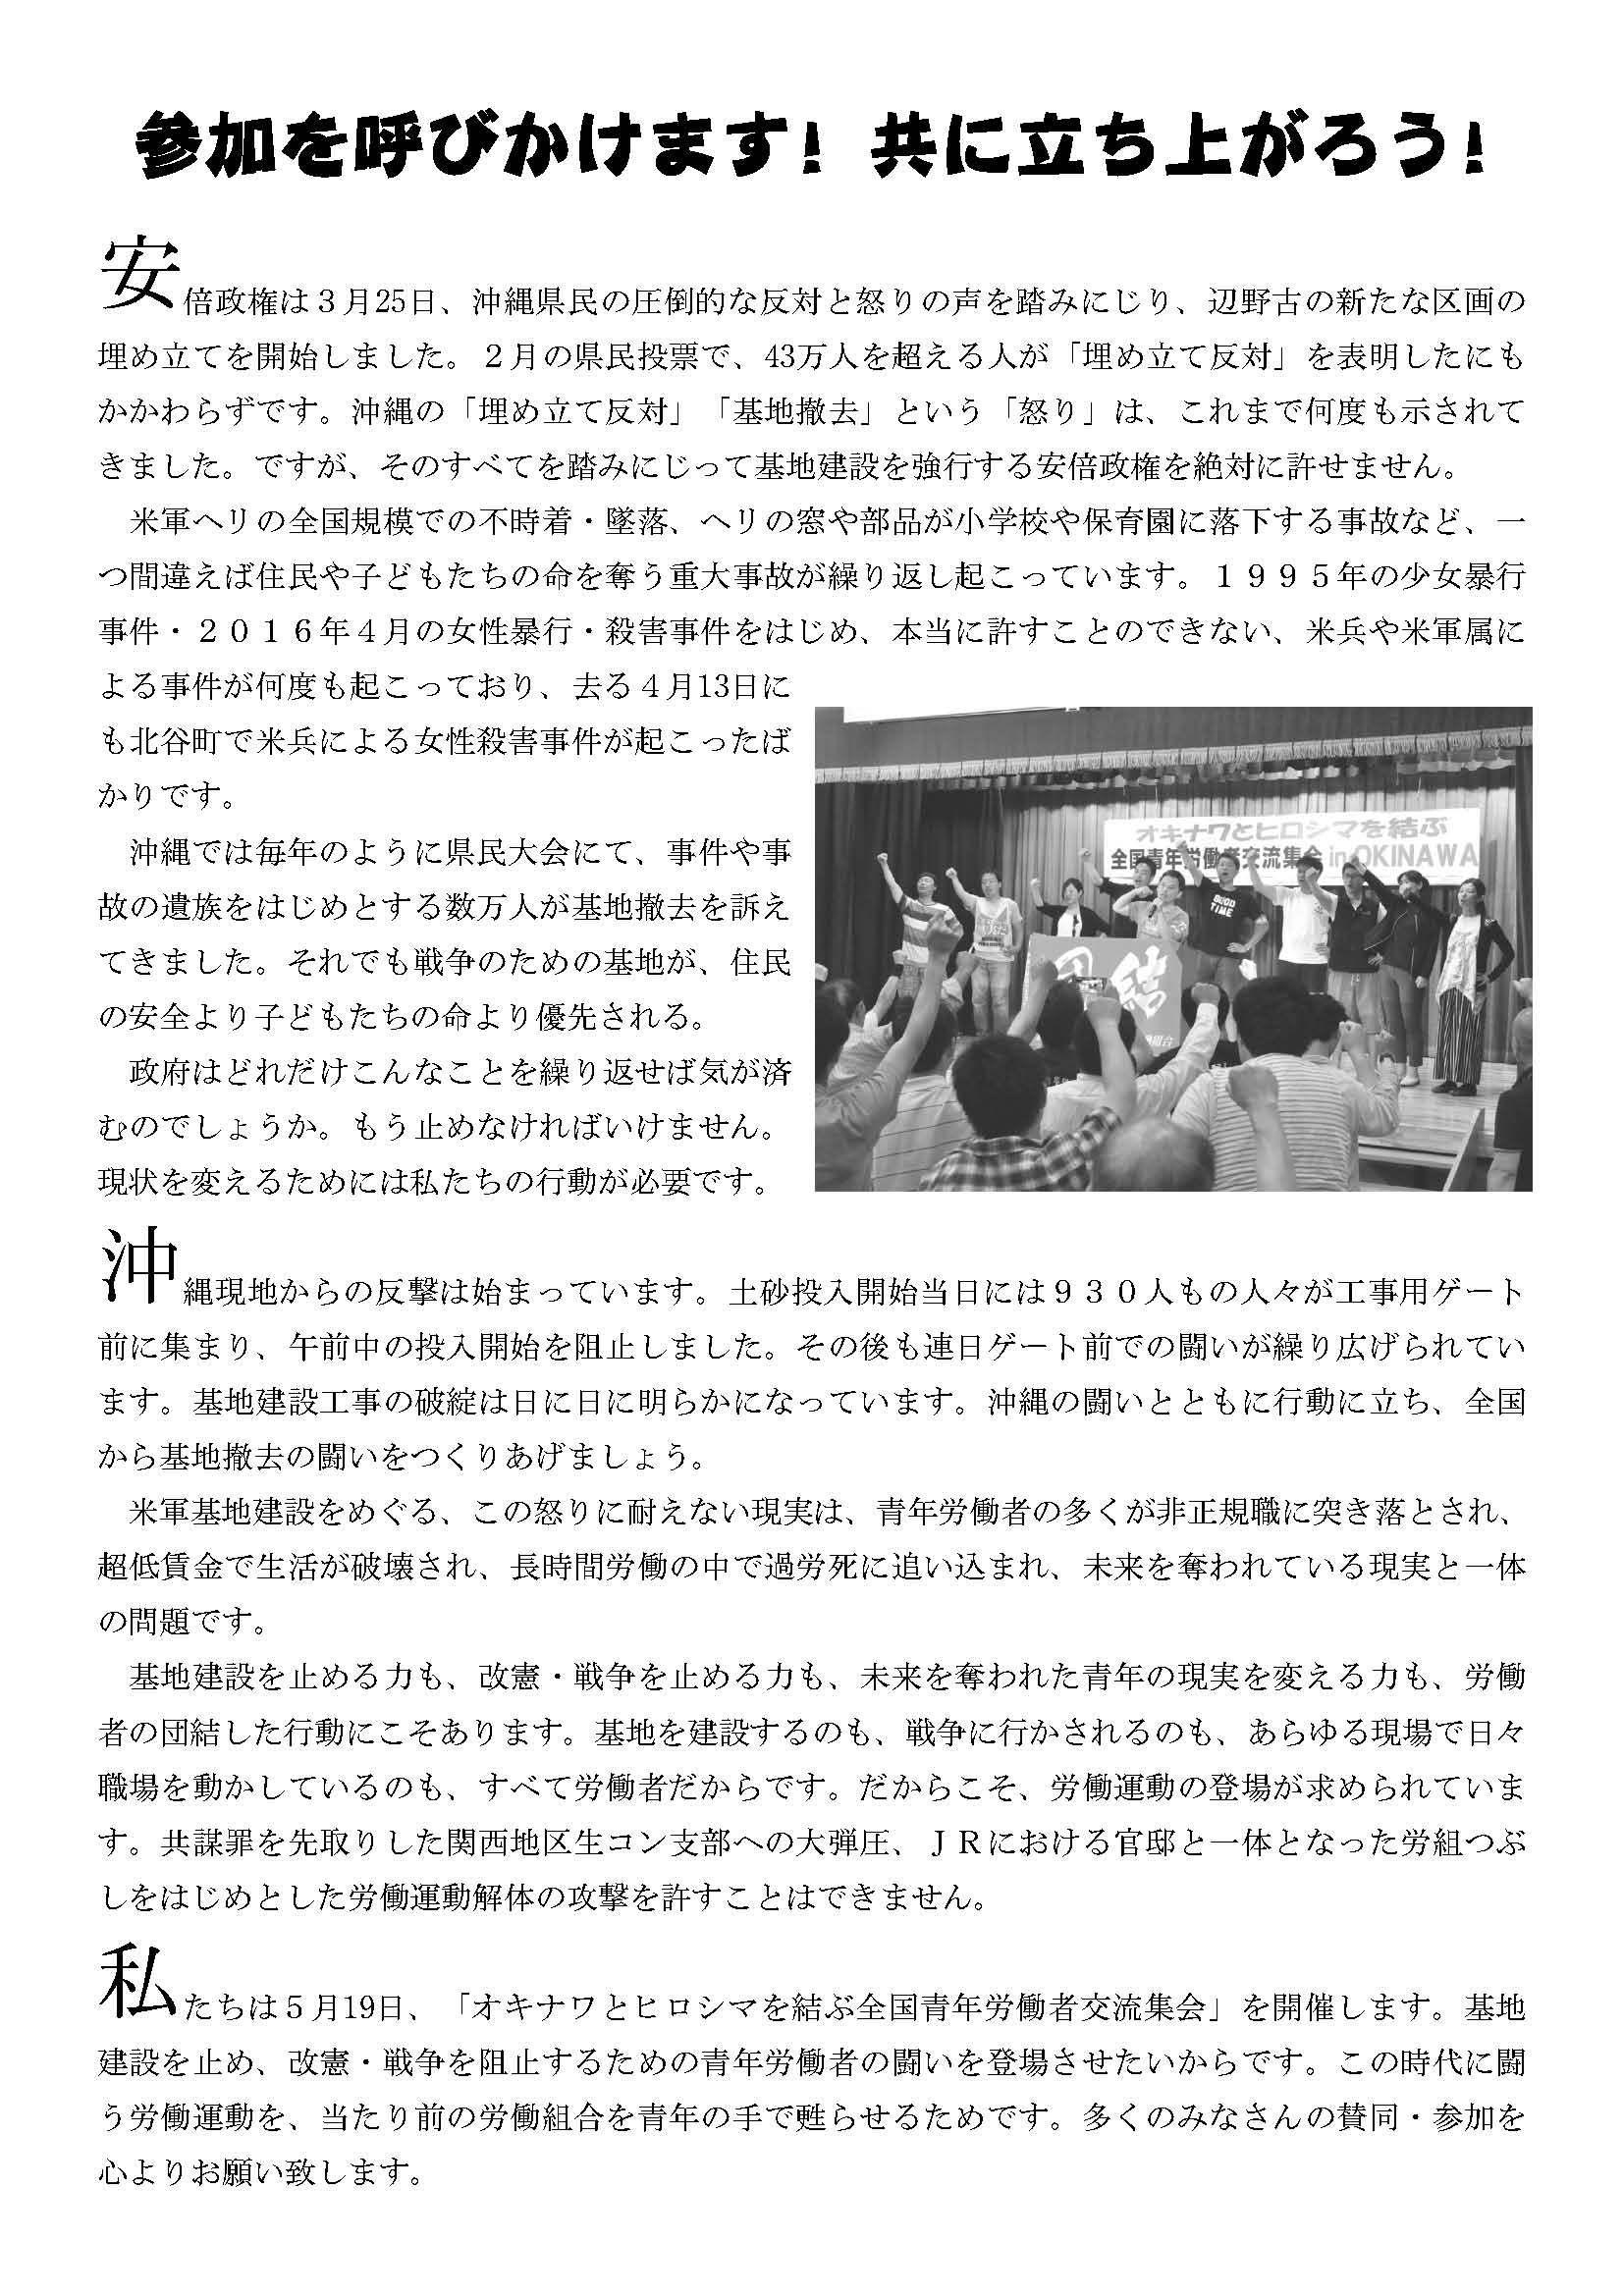 5・19オキナワとヒロシマを結ぶ全国青年労働者交流集会in OKINAWAを開催します_d0155415_10460161.jpg